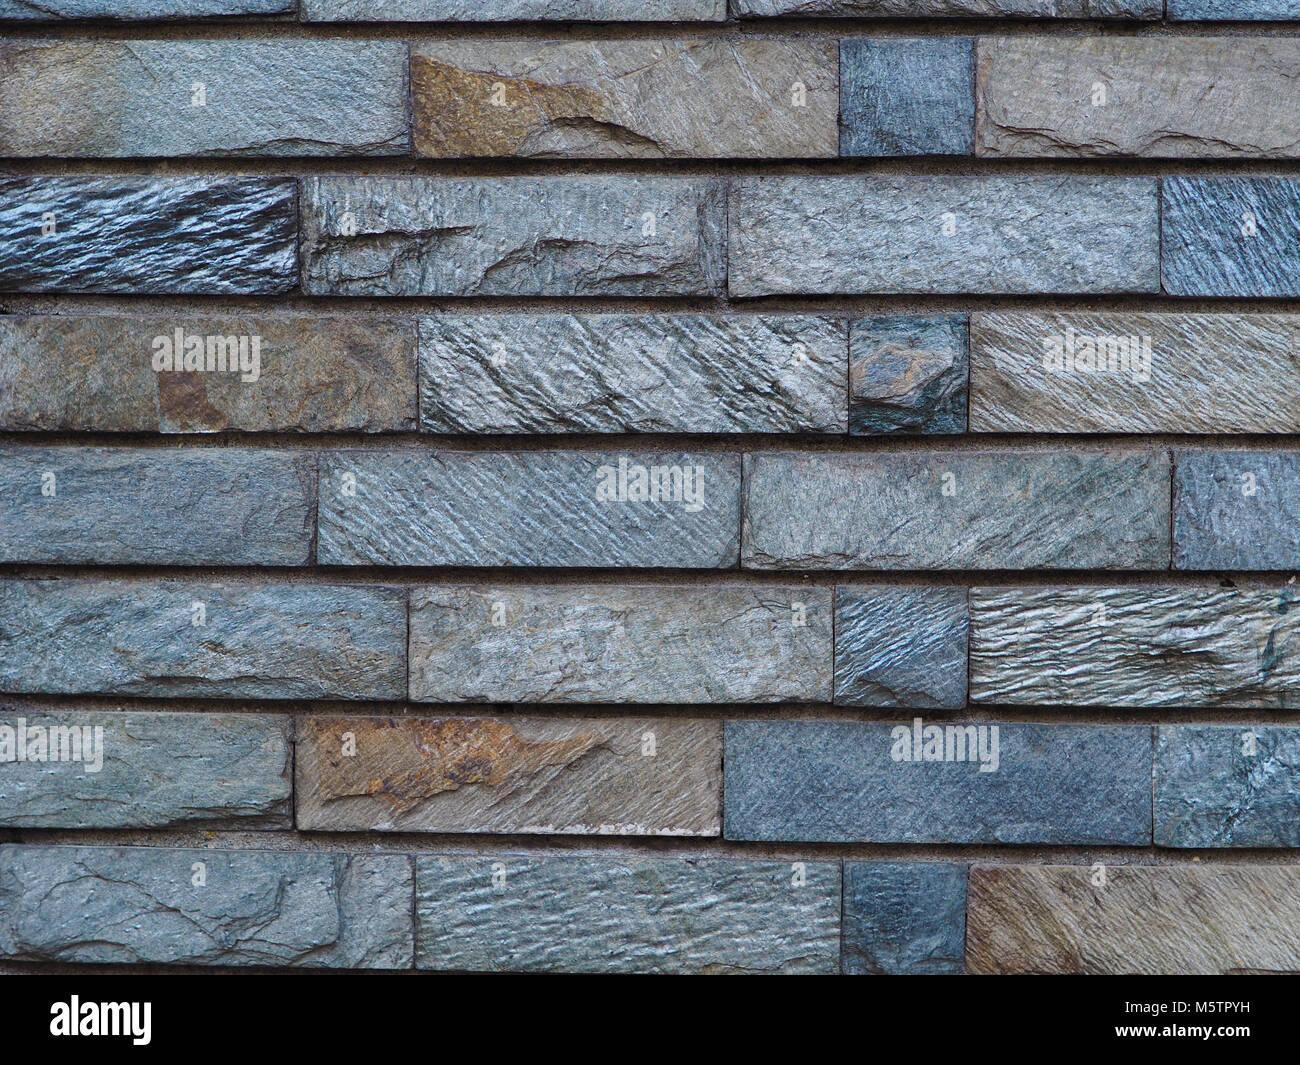 Schiefer Fliesen Mauerwerk Hintergrund Foto. Rough Cut Texturierte Schiefer  Ziegel Geformt Fliesen. Natürliche Blau, Schwarz, Grau, Braun Farben